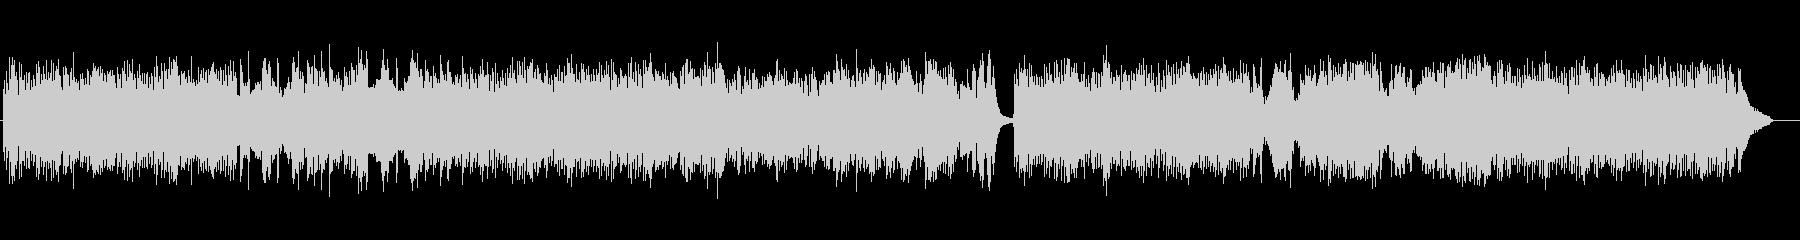 流れるようなメロディのロンドの未再生の波形